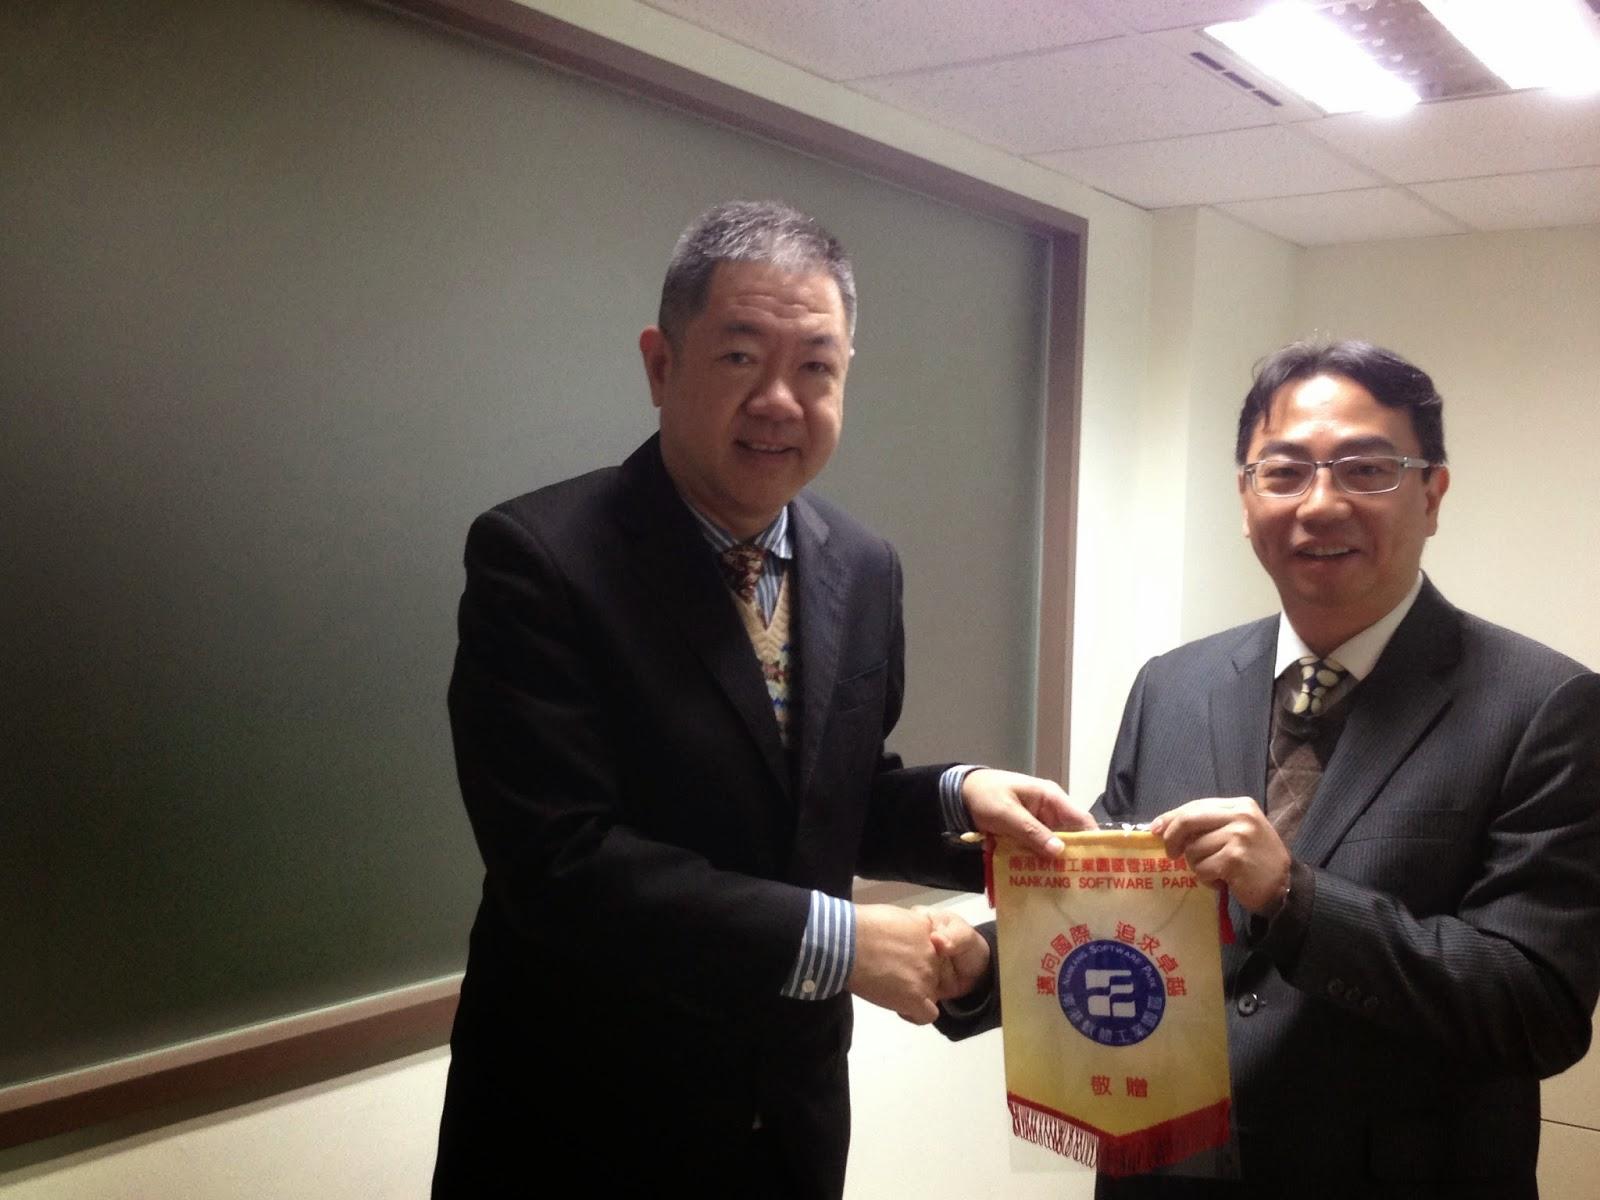 上海人民政府參事室參訪團